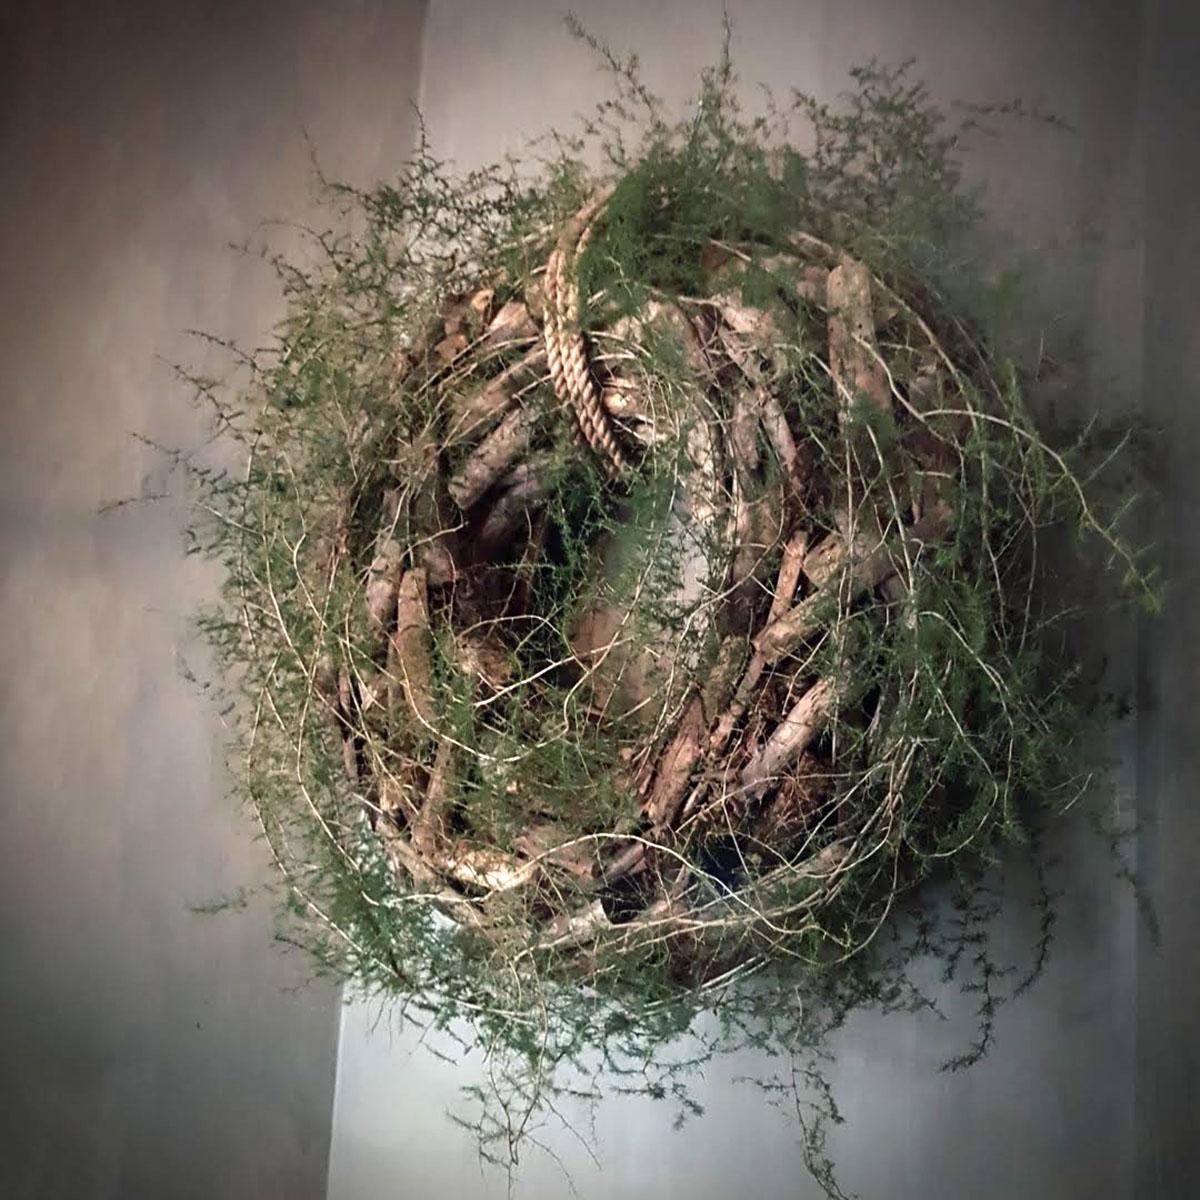 Afbeelding van krans drijfhout wilde asparagus aan schoorsteenmantel voor gebruik in webshop van Antérieur Authentique